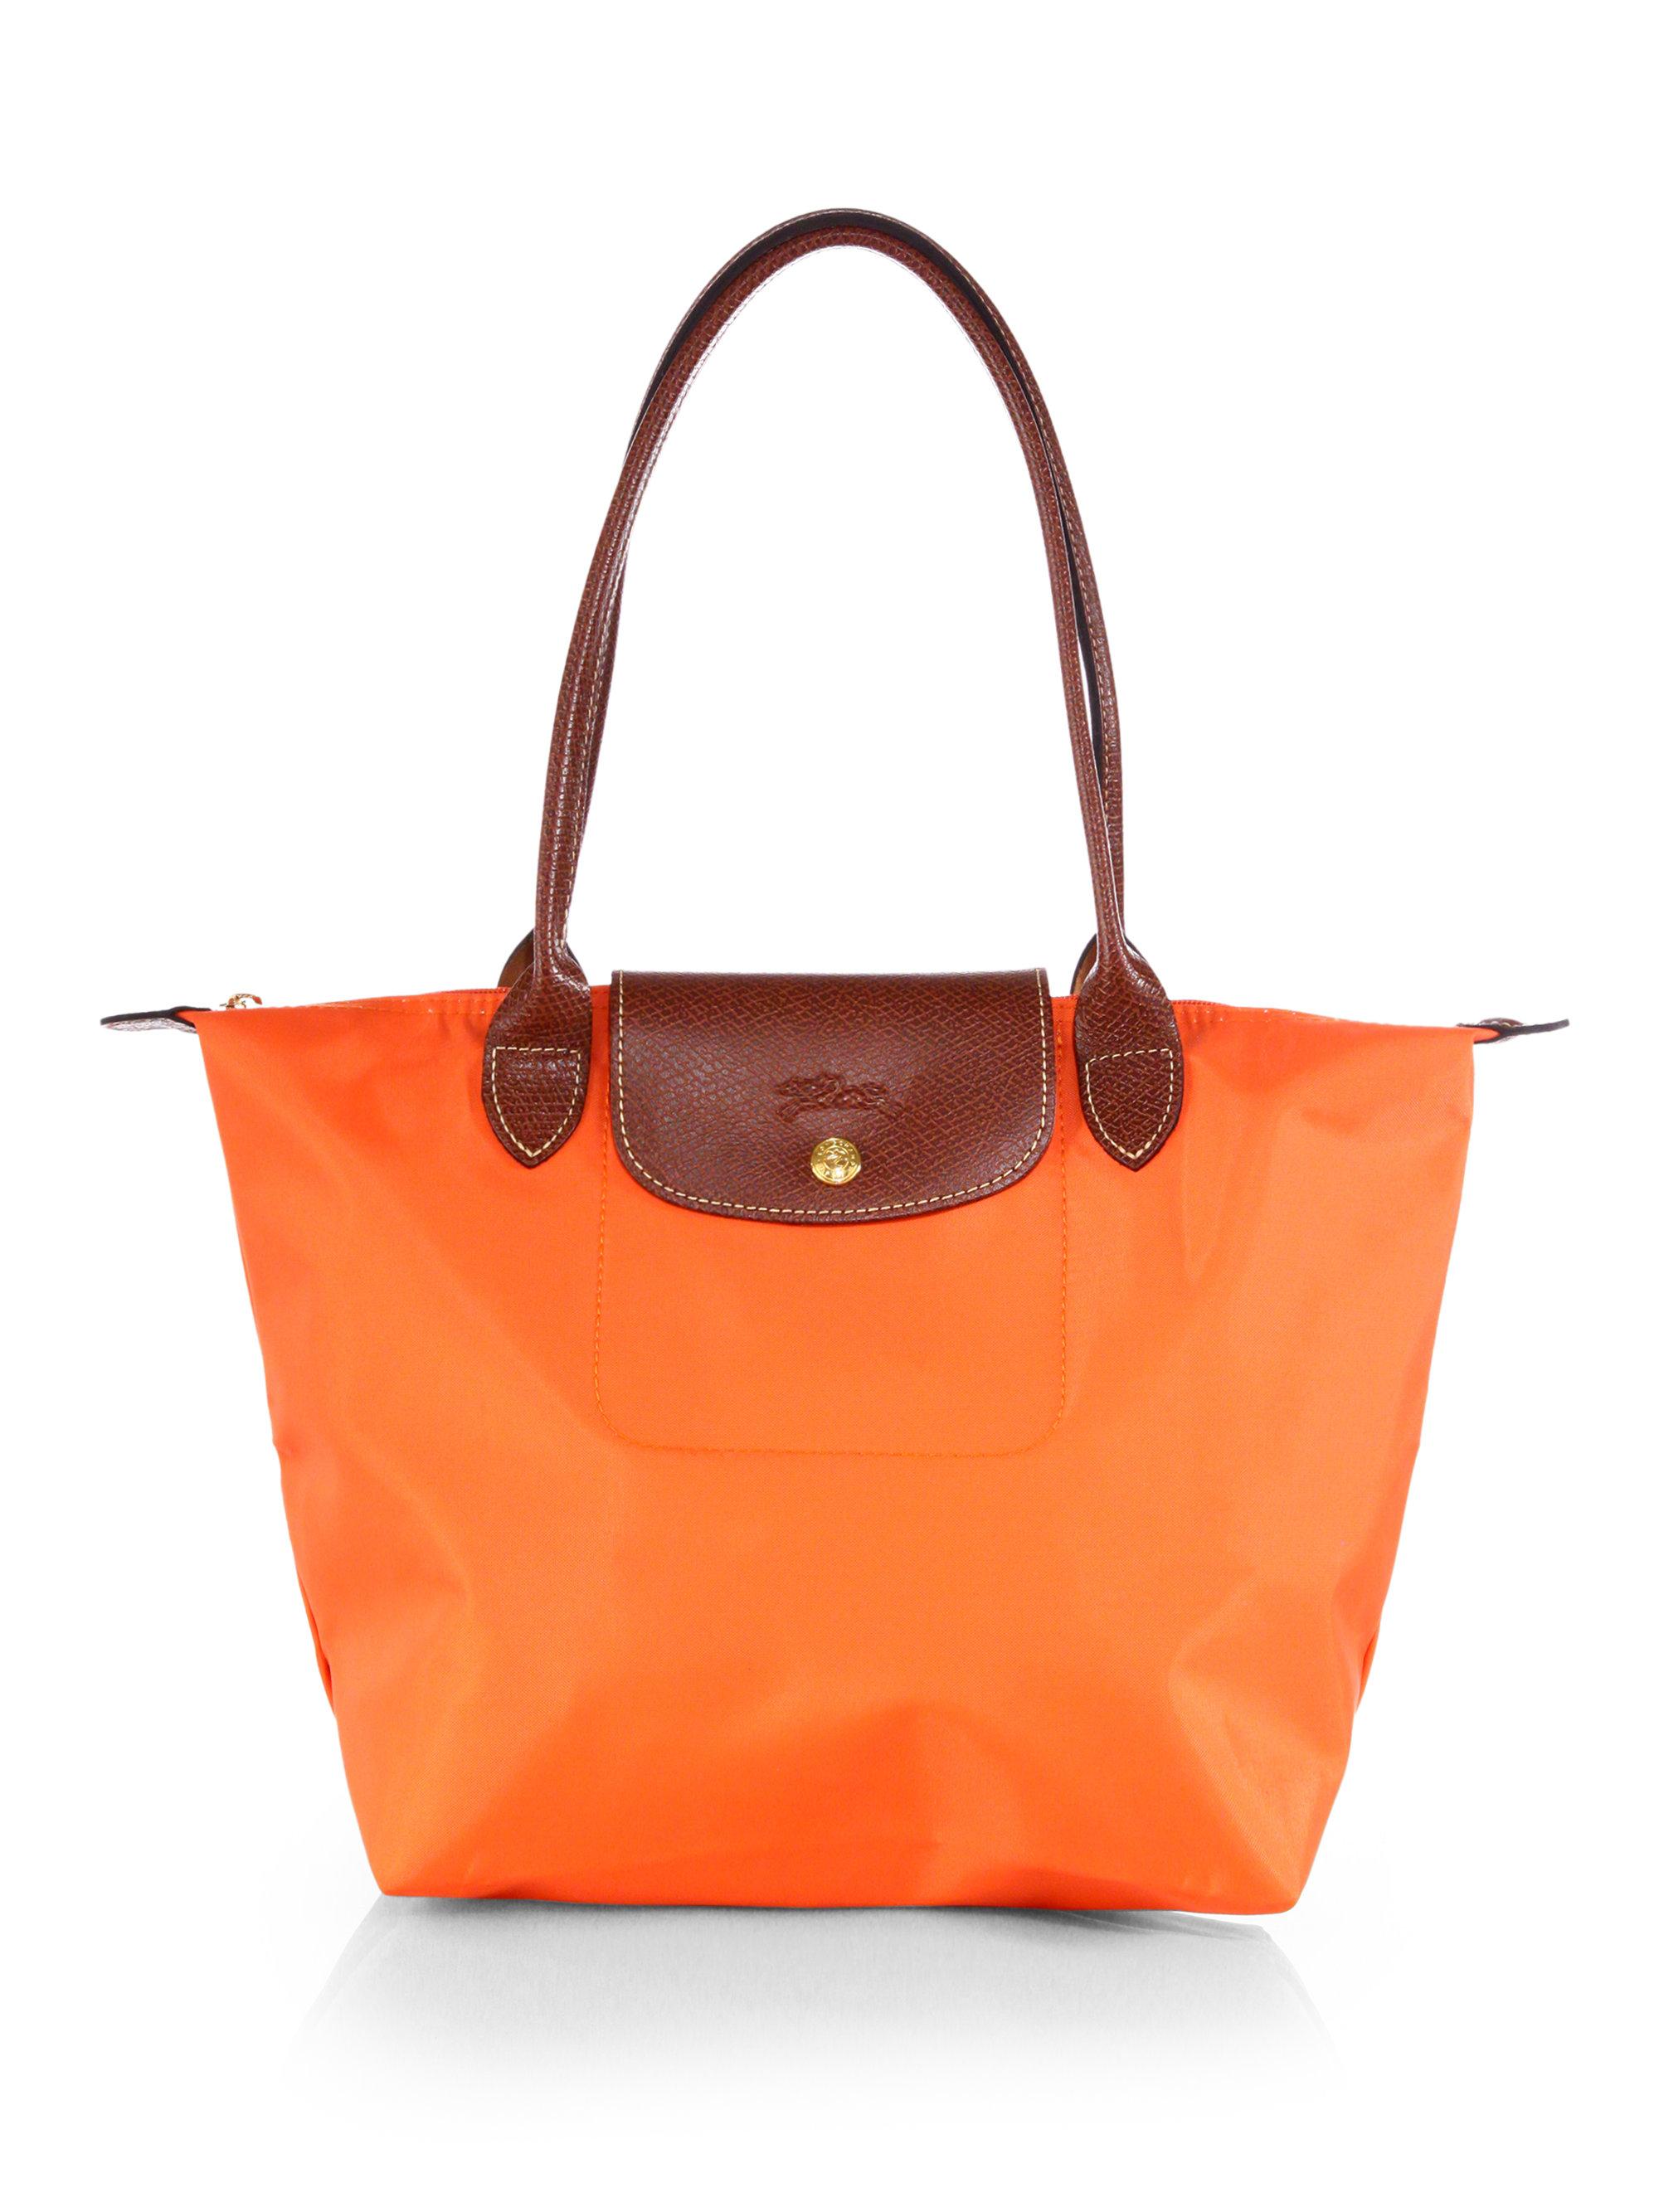 longchamp le pliage medium shoulder tote in orange lyst. Black Bedroom Furniture Sets. Home Design Ideas